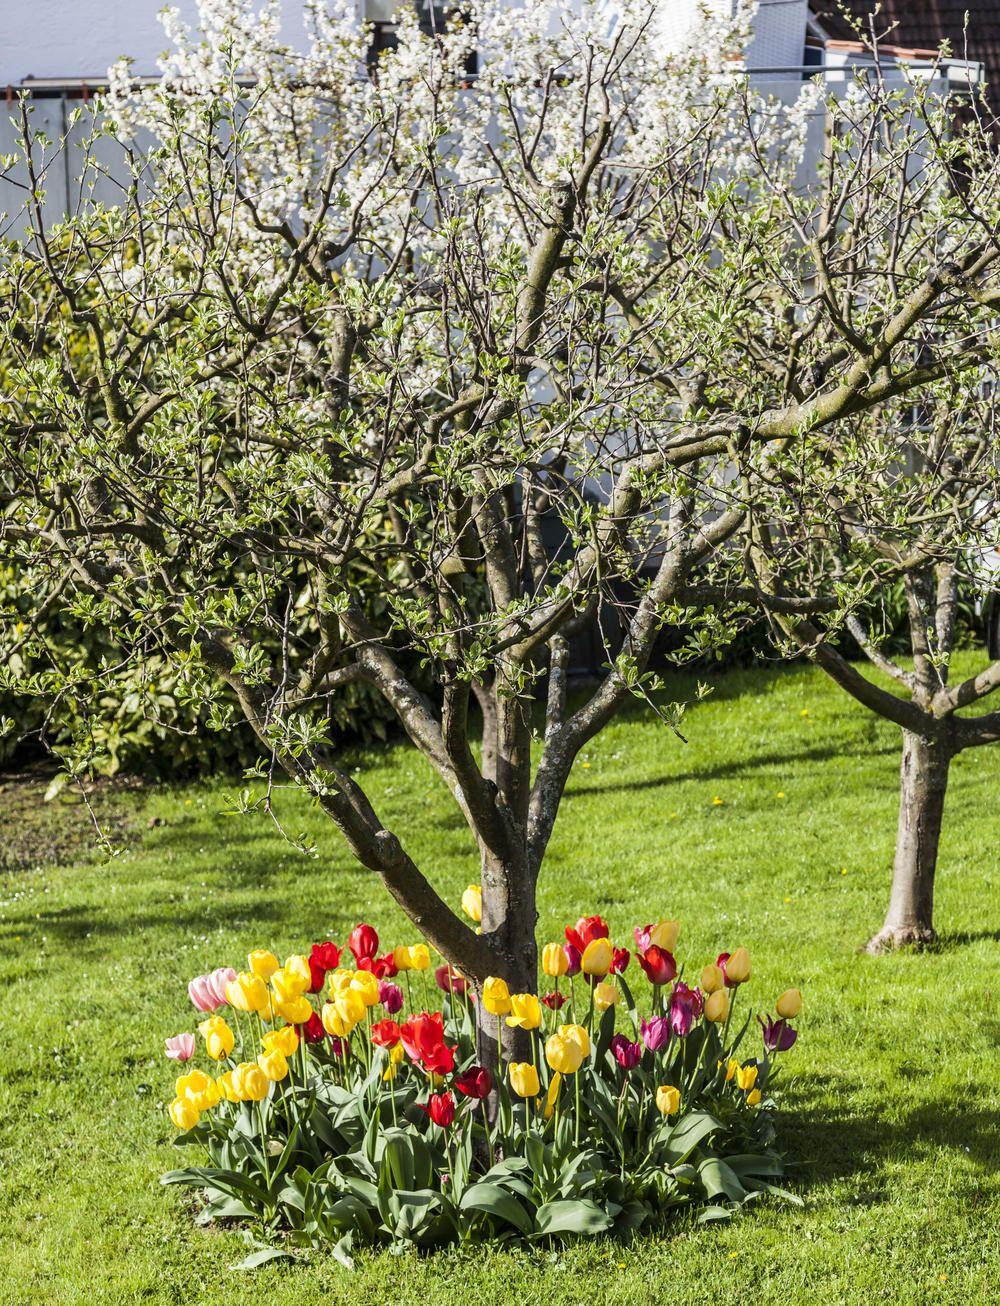 Tulpen Pflanzen So Setzen Sie Die Zwiebeln Richtig Tulpen Pflanzen Pflanzen Tulpenzwiebeln